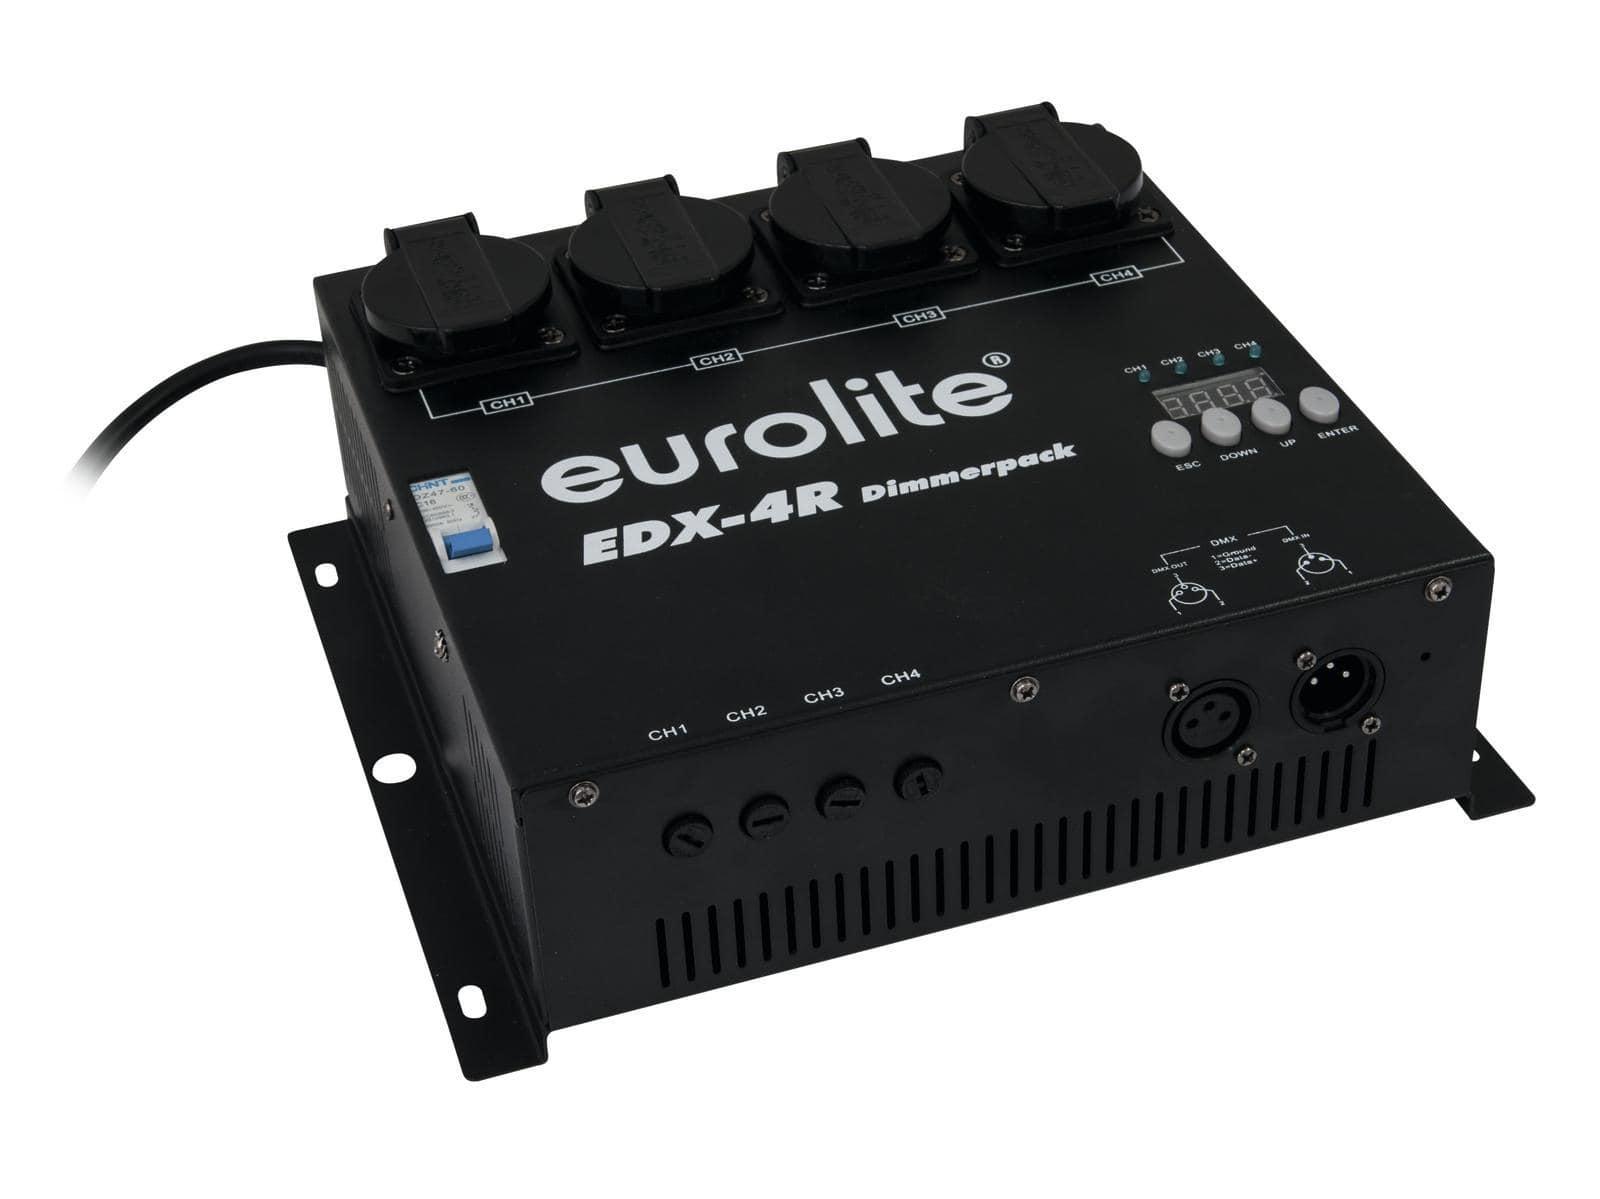 Lichtsteuerung - Eurolite EDX 4R DMX RDM Dimmerpack - Onlineshop Musikhaus Kirstein